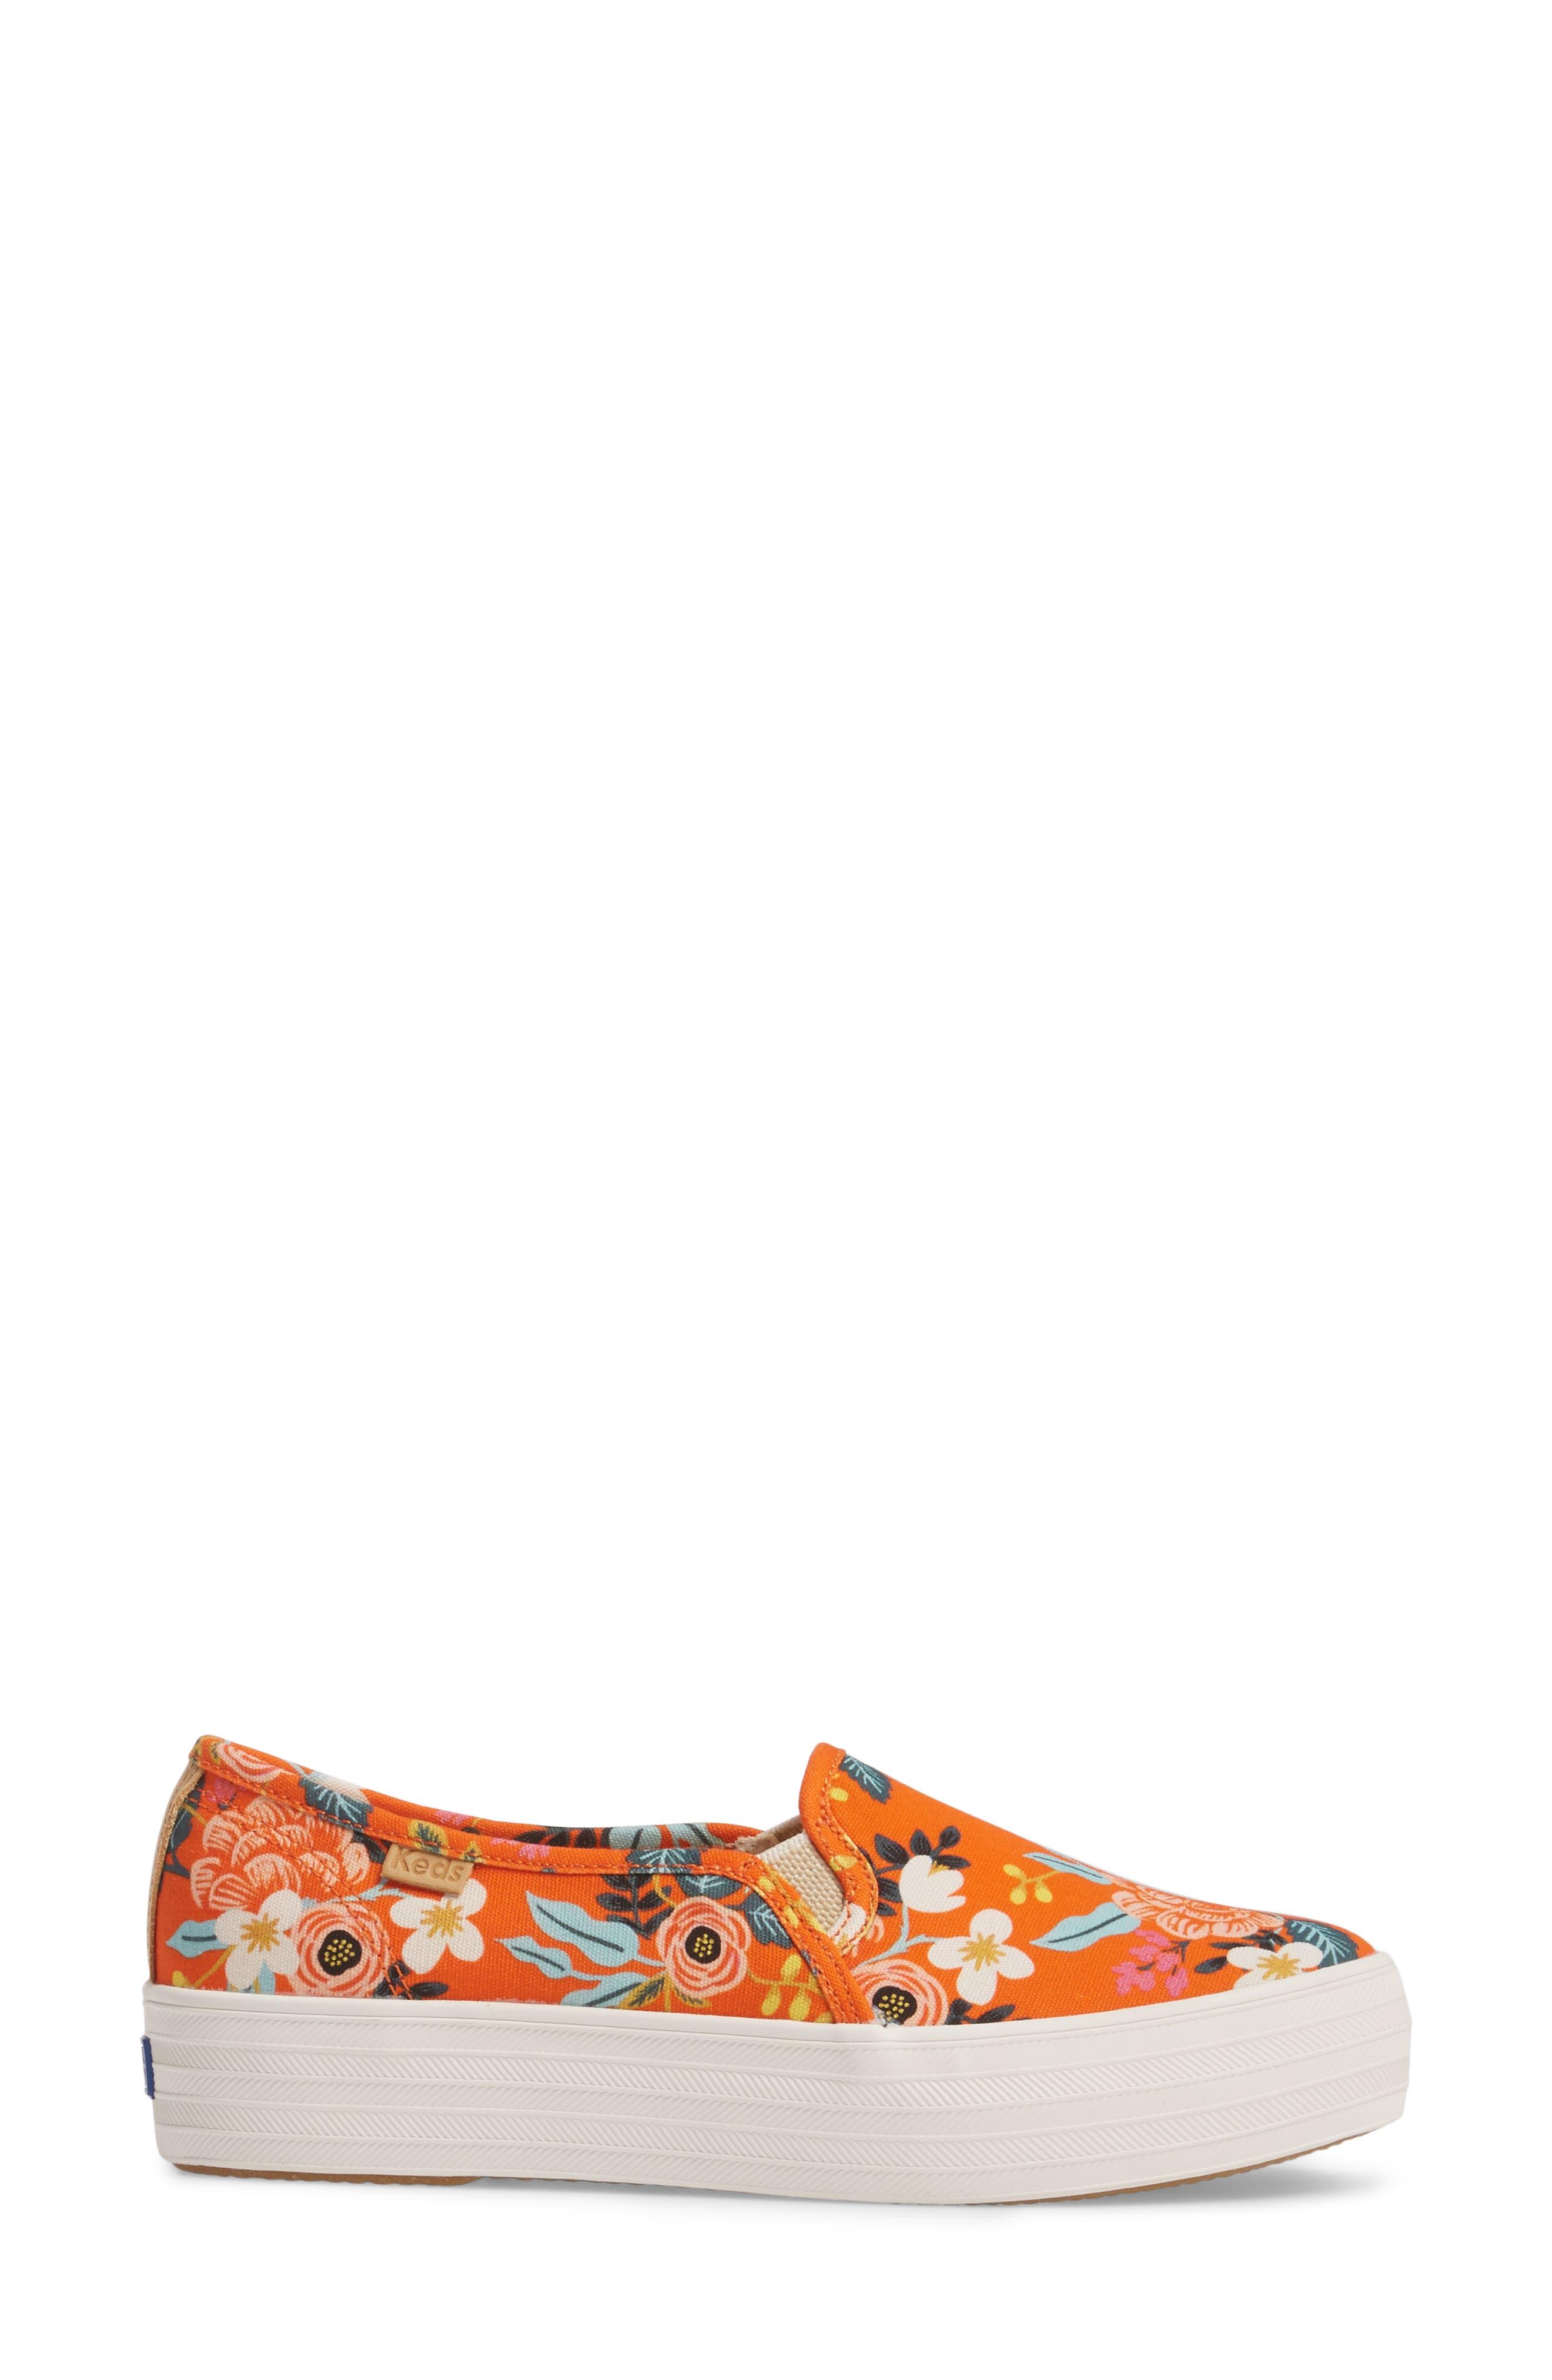 Alternate Image 3  - Keds® x Rifle Paper Co. Birch Triple Decker Slip-On Sneaker (Women)